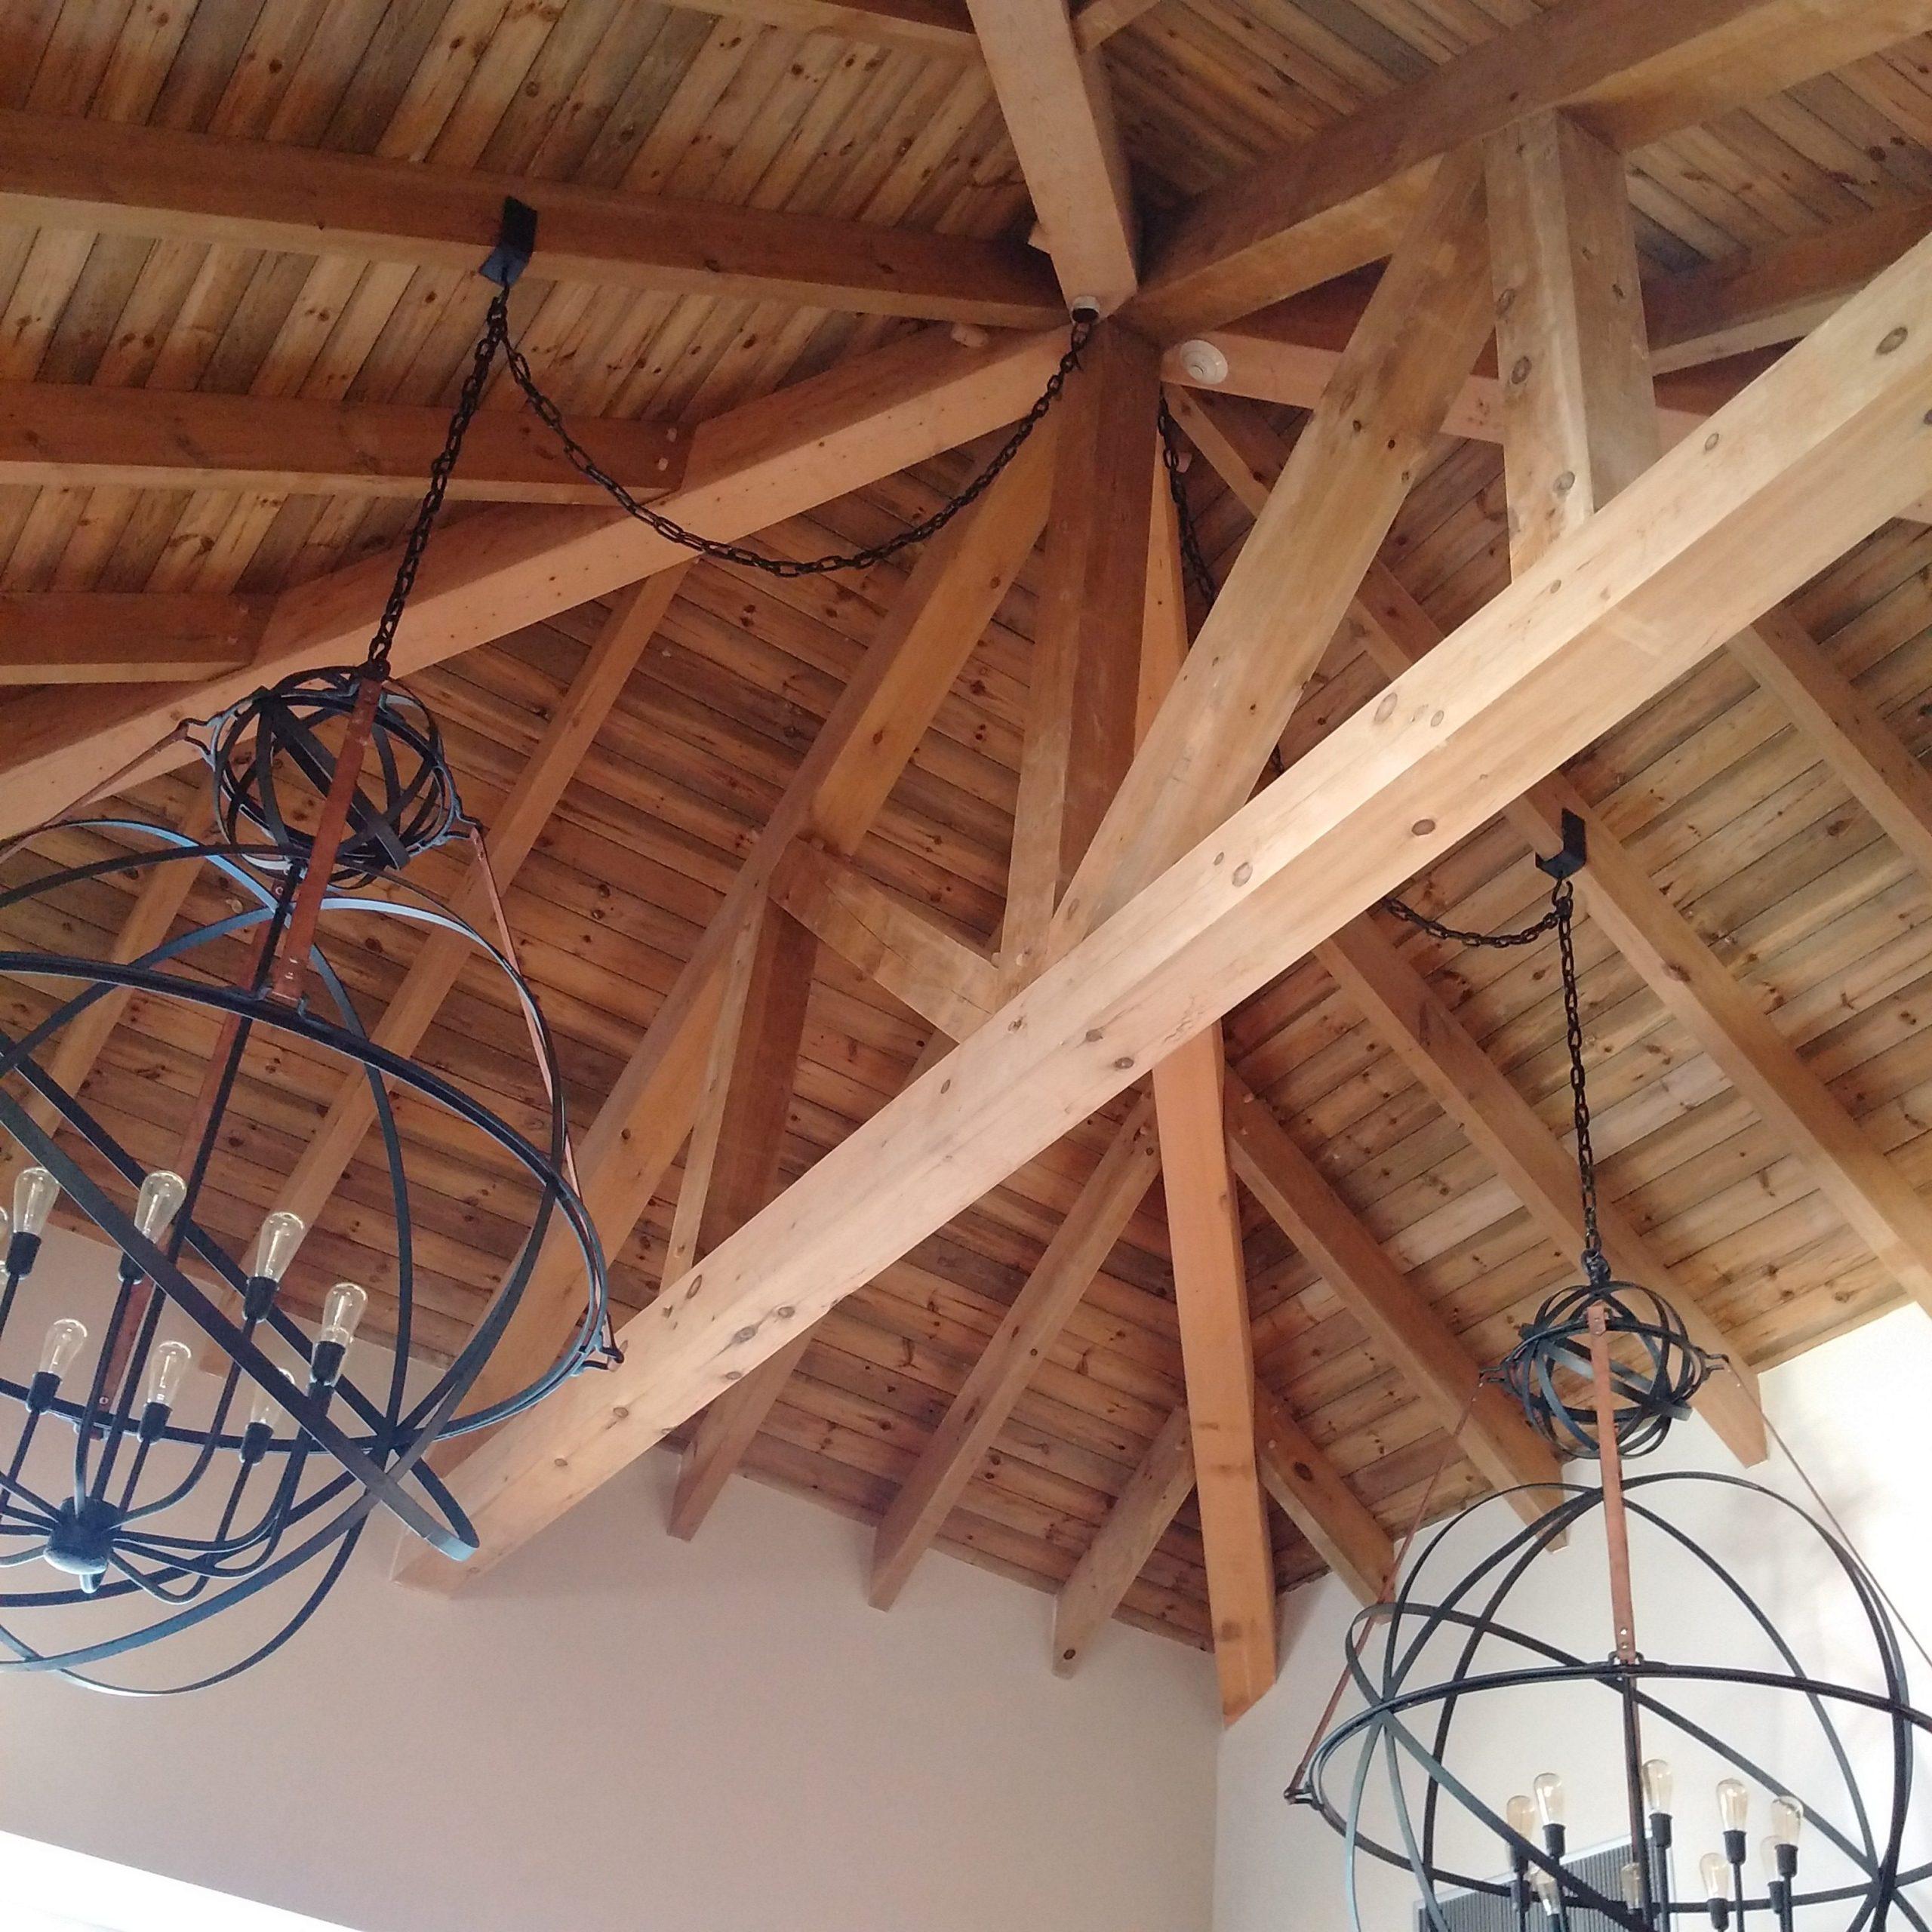 Normerica Timber Frames, Commercial Project, Dominican Republic, Los Establos, Casa Club, Resort